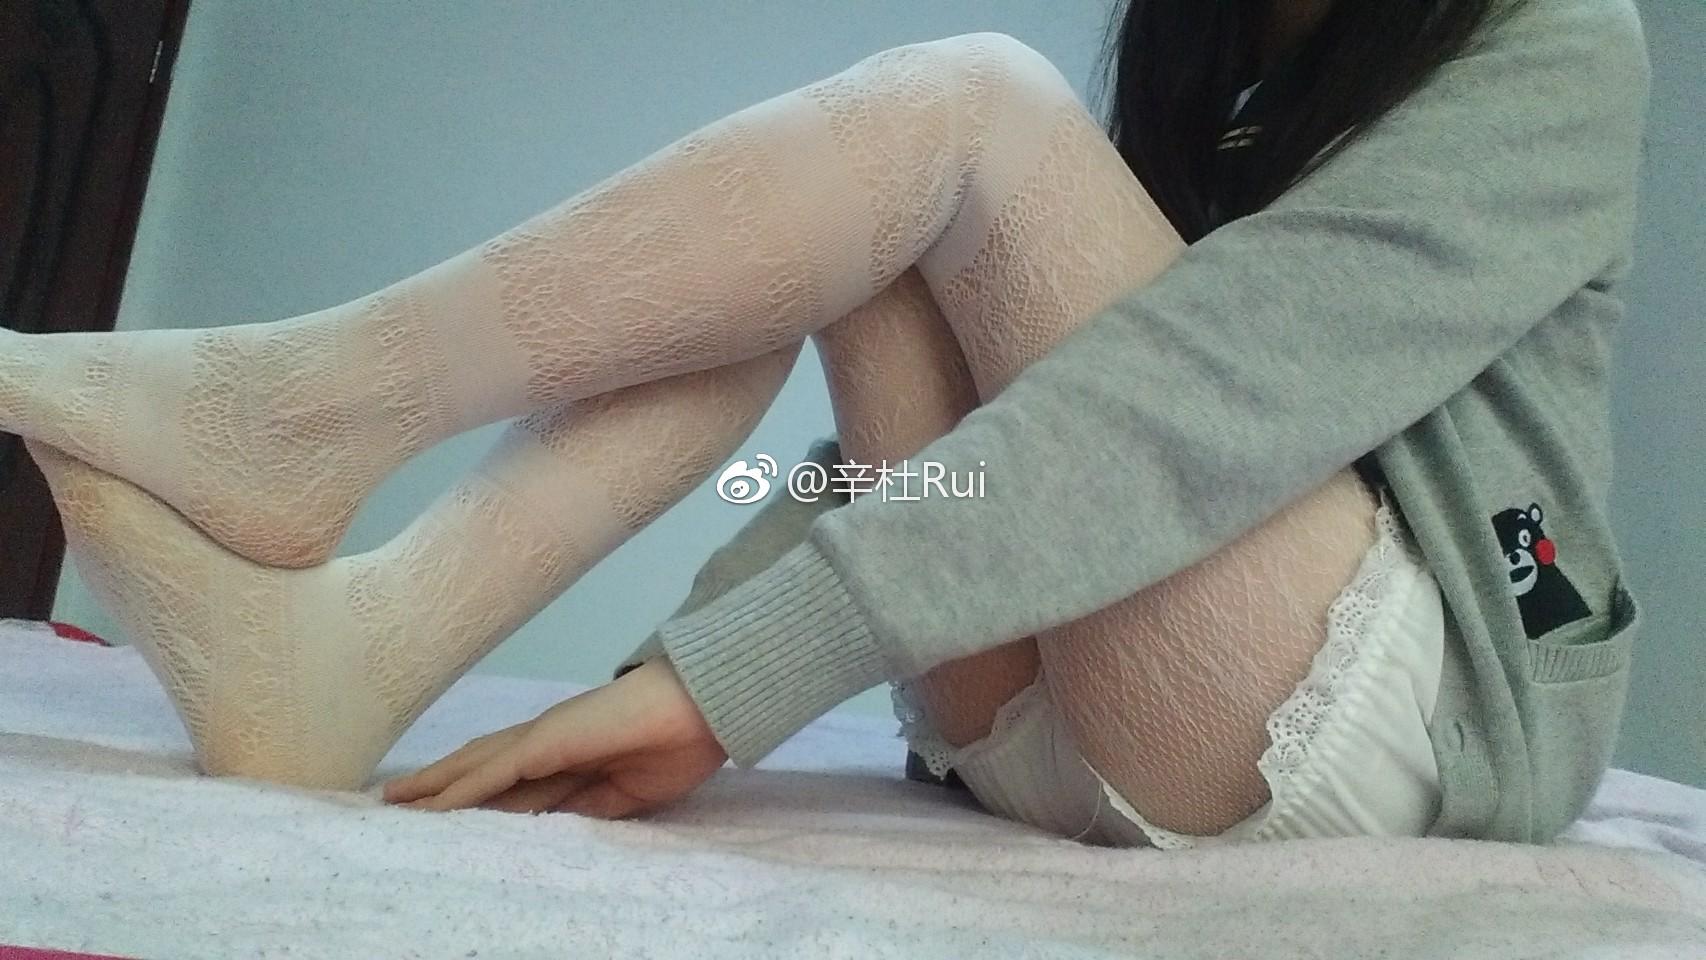 萌妹子网7.22福利图片汇总(30P)